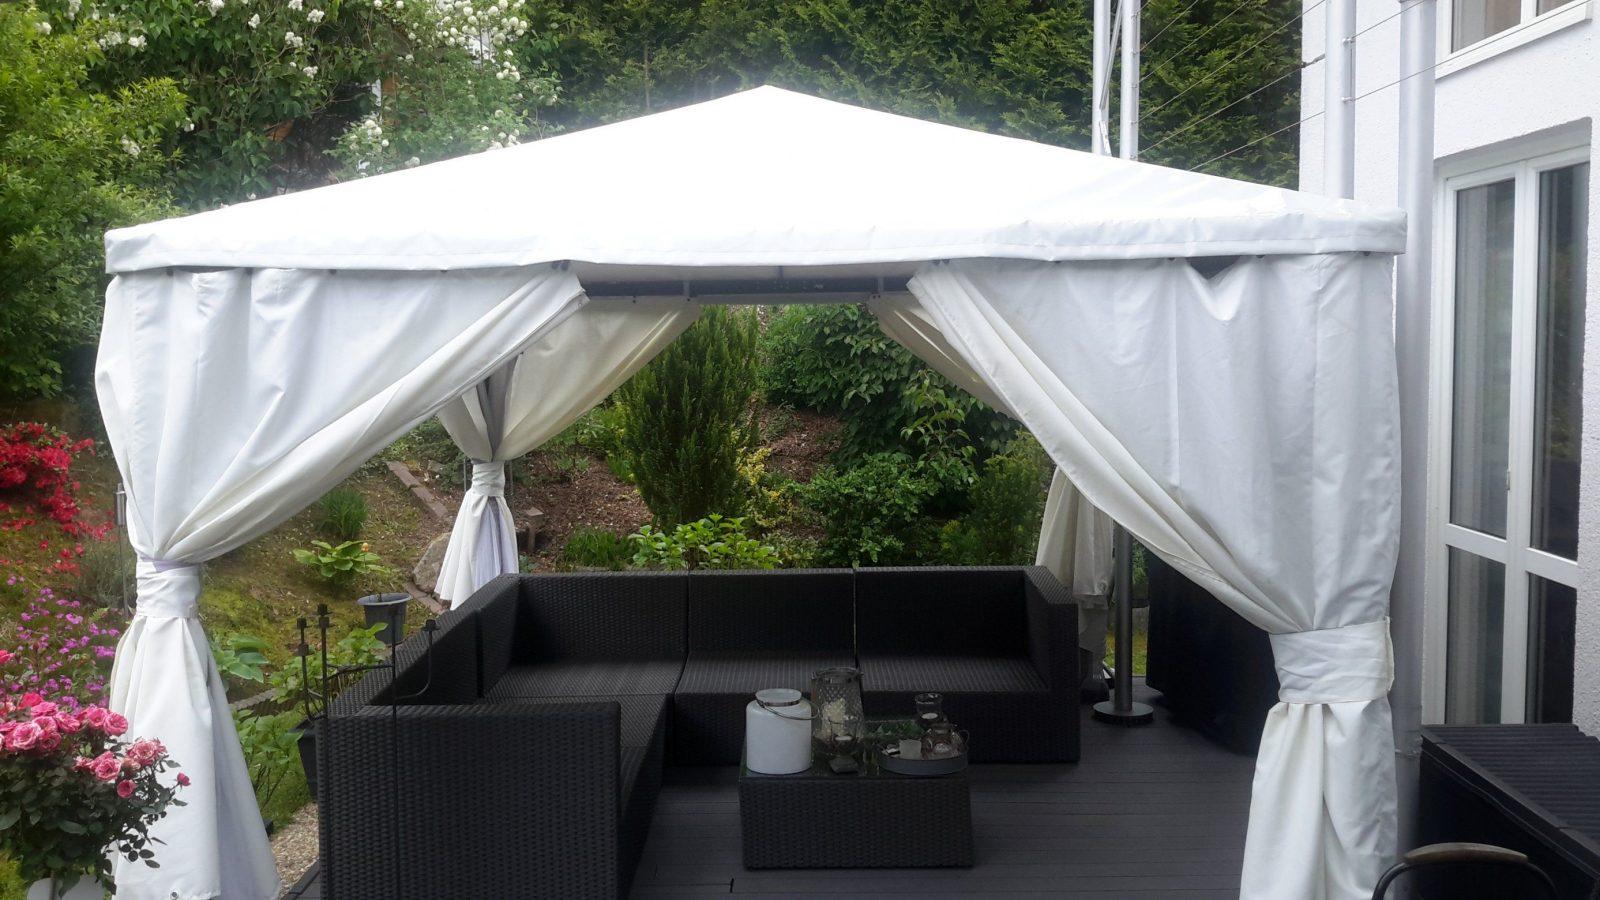 Maßgefertigtes Pavillondach Aus Unser Lkw Plane Fragen Sie Jetzt von Pavillondach Aus Lkw Plane Bild